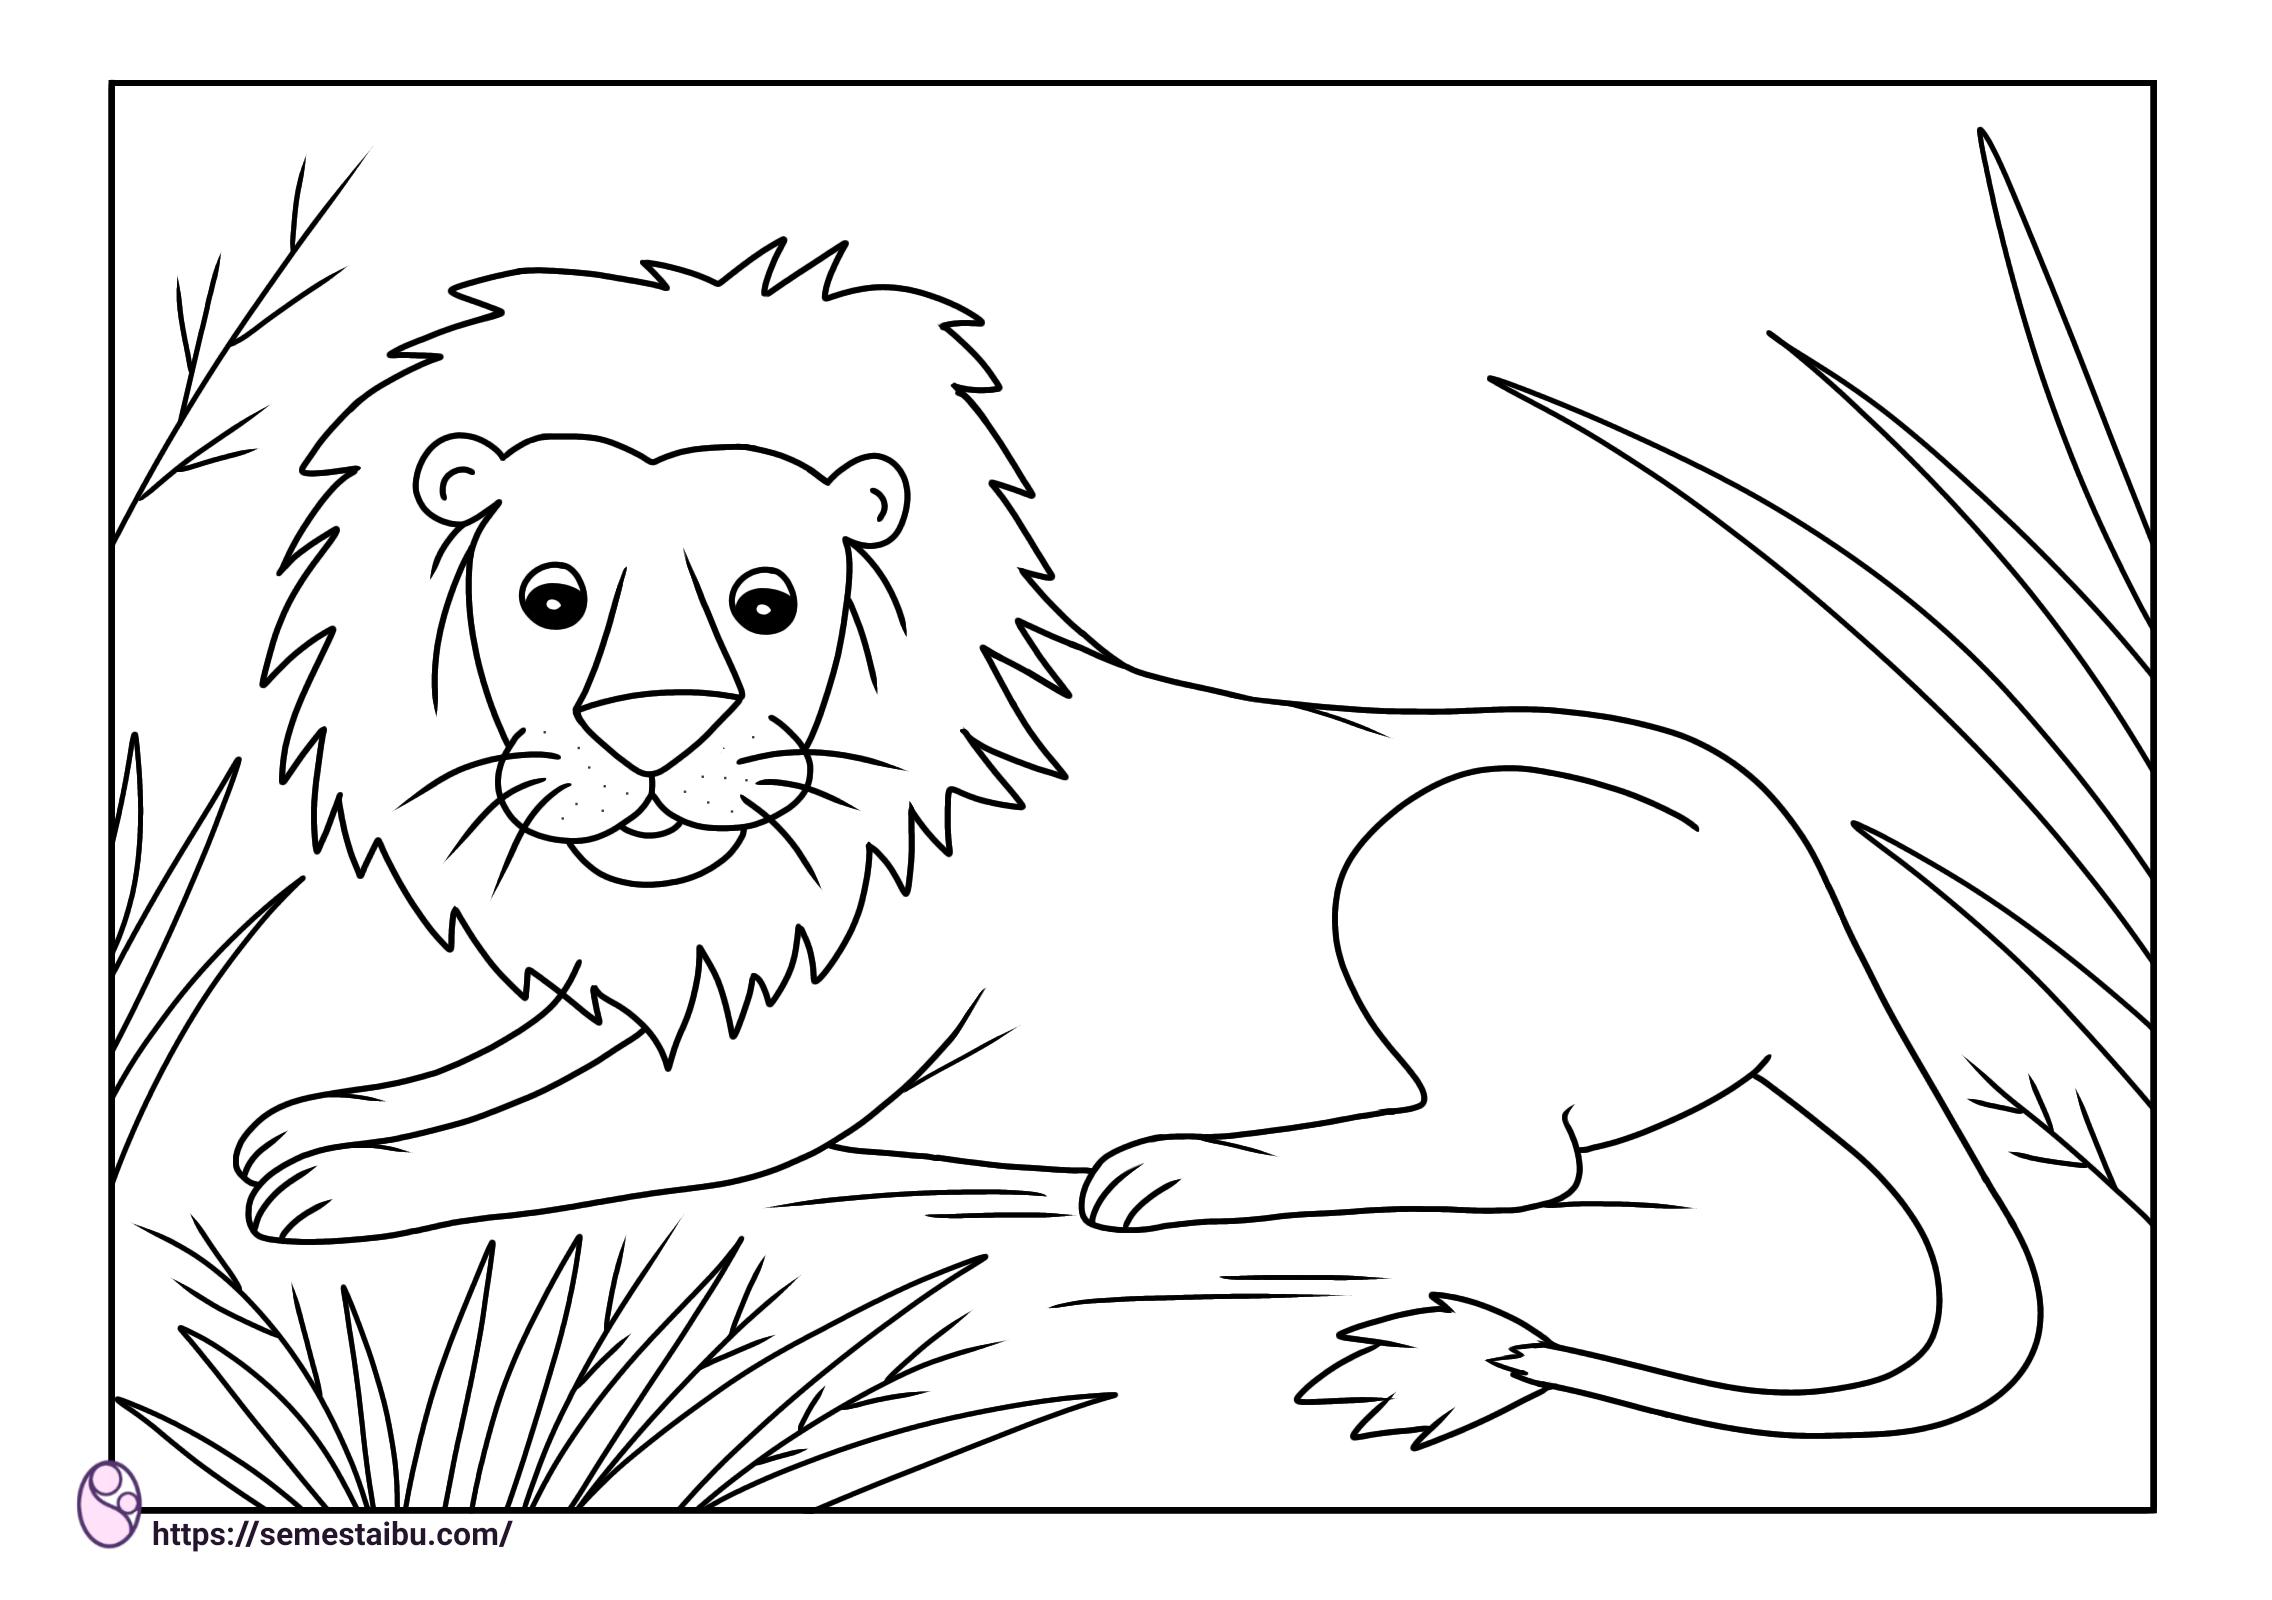 Gambar mewarnai hewan untuk anak tk - singa